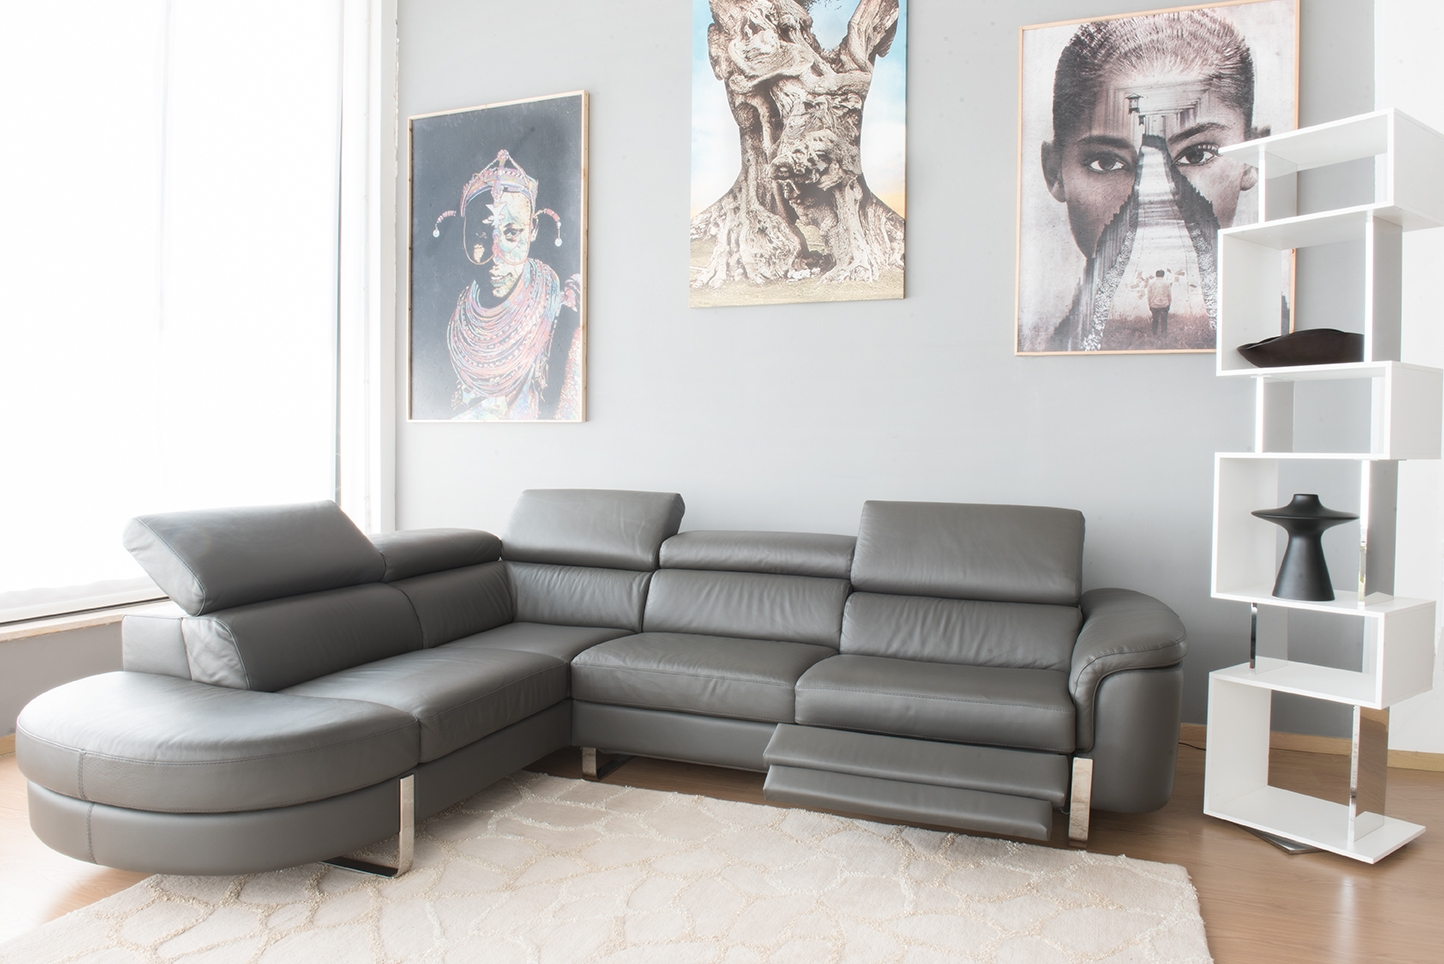 DENZIL - Divano angolare in pelle di colore grigio a 5 posti maggiorati con movimento relax elettrico, poggiatesta recliner manuali piedini cromati lucidi- angolo terminale curvo – Design moderno